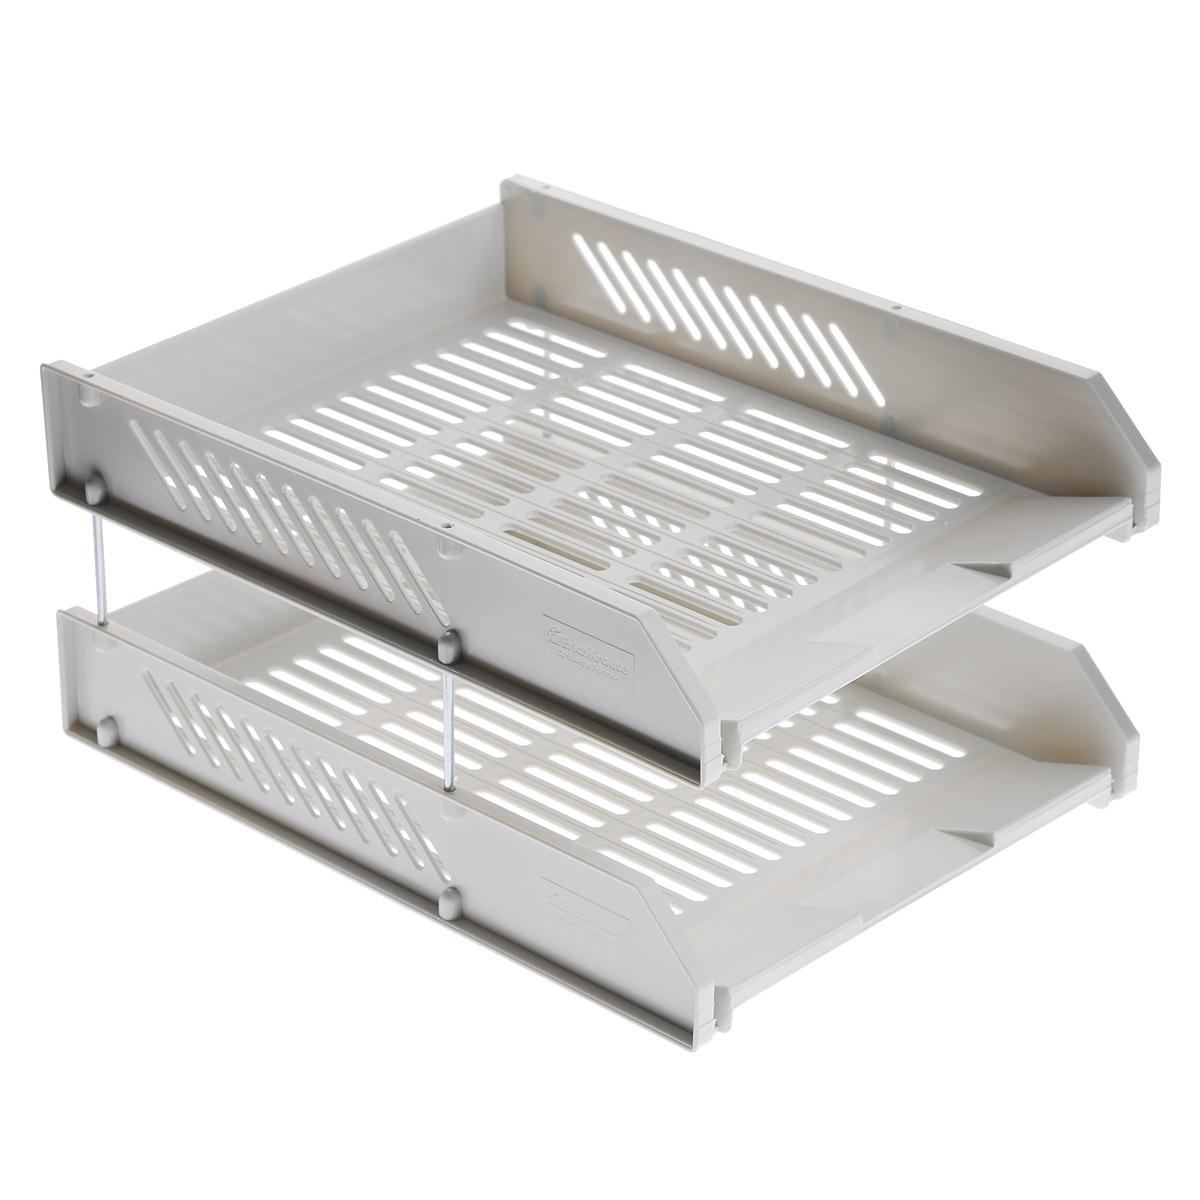 Набор горизонтальных лотков для бумаги Erich Krause, цвет: серый, 2 шт4613Сетчатый горизонтальные лотки для бумаги Erich Krause предназначены для хранения документов, рабочих бумаг, журналов и каталогов. Набор включает 2 лотка из высококачественного серого пластика. Лотки устанавливаются друг на друга и скрепляются посредством металлических стержней со съемными пластиковыми наконечниками.Горизонтальные лотки для бумаги Erich Krause помогут удобно организовать пространство в вашем офисе. Характеристики:Материал: металл, пластик. Размер лотка: 34 см x 26 см x 6 см. Длина стержня: 7 см. Бренд Erich Krause - это полный ассортимент канцтоваров для офиса и школы, который гарантирует безукоризненное исполнение разных задач в процессе работы или учебы, органично и естественно сопровождает вас день за днем. Для миллионов покупателей во всем мире продукция Erich Krause стала верным и надежным союзником в реализации любых проектов и самых амбициозных планов. Высококвалифицированные специалисты Erich Krause прилагают все свои усилия, что бы каждый продукт компании прослужил максимально долго и неизменно радовал покупателей удобством и легкостью использования, надежностью в эксплуатации и прекрасным дизайном.